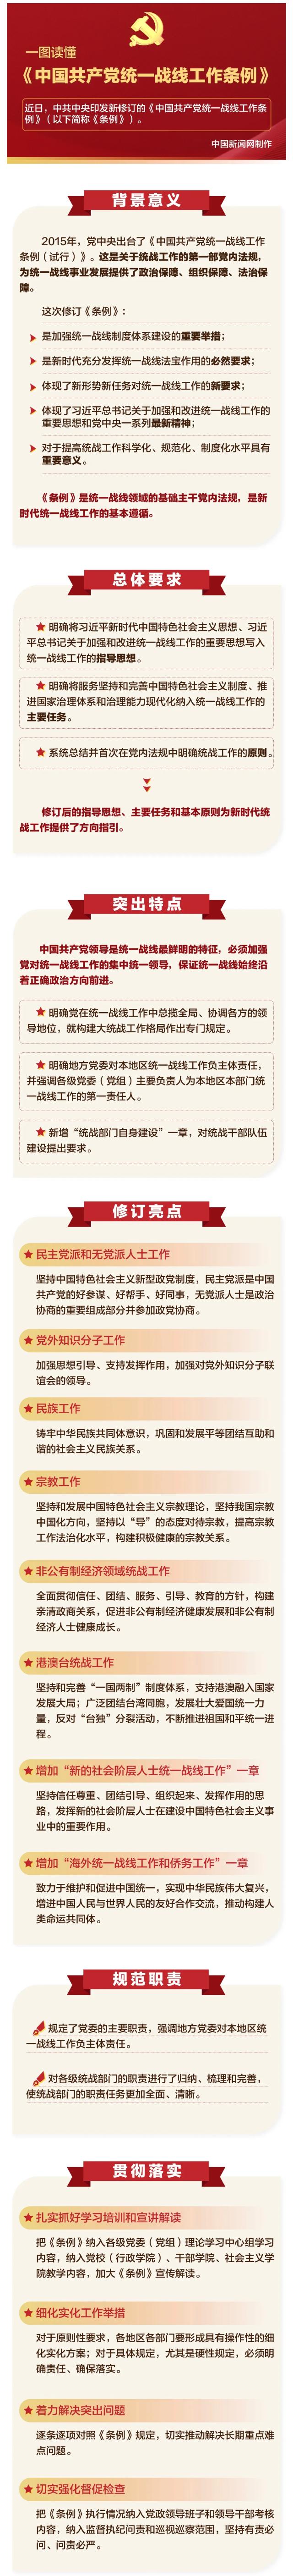 《中国共产党统一战线工作条例》解读